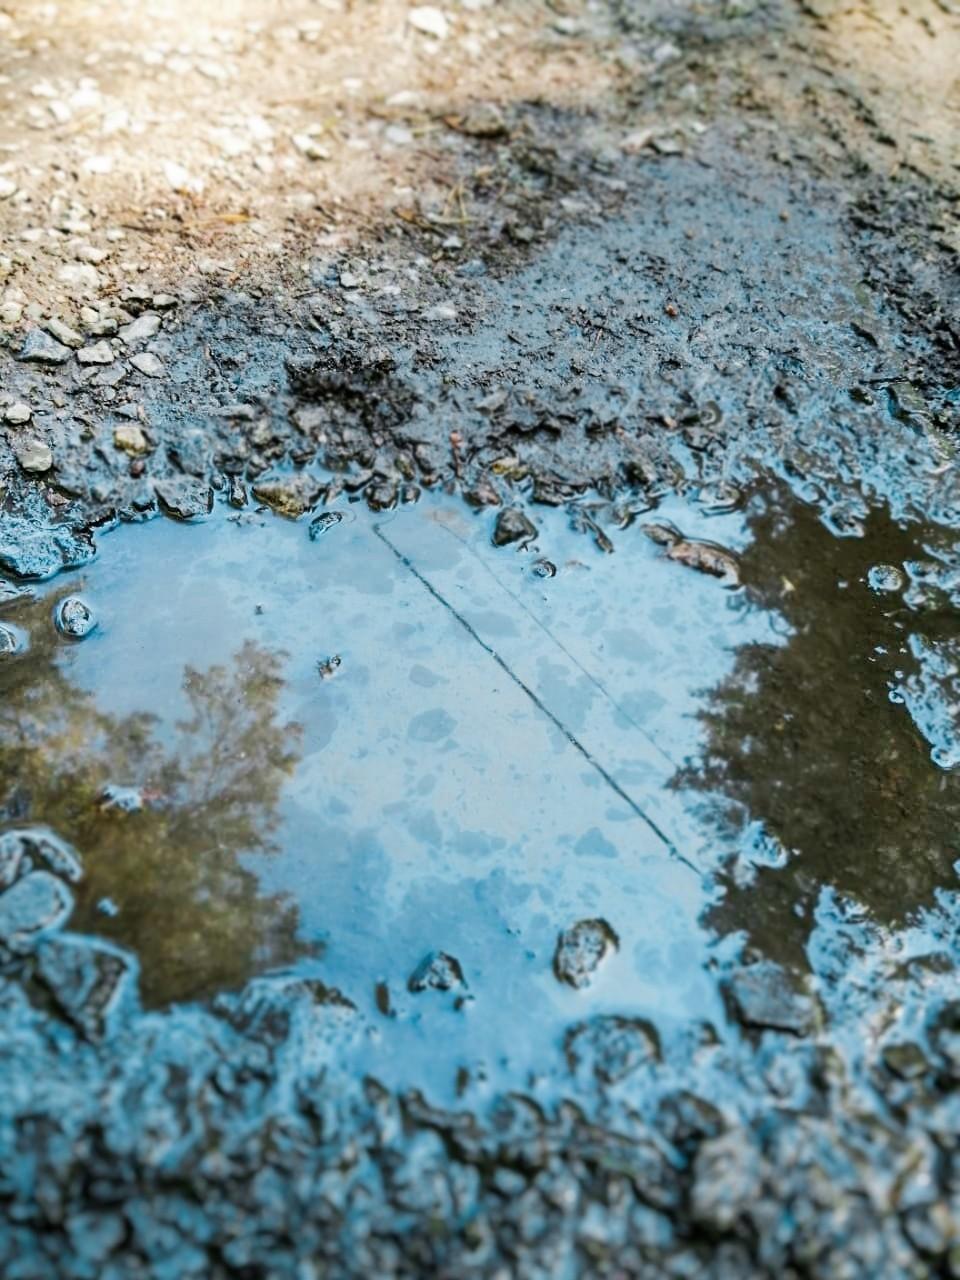 В Курортном районе ликвидировали пролив нефтепродуктов . Фото: пресс-служба СПб ГУП «Экострой»